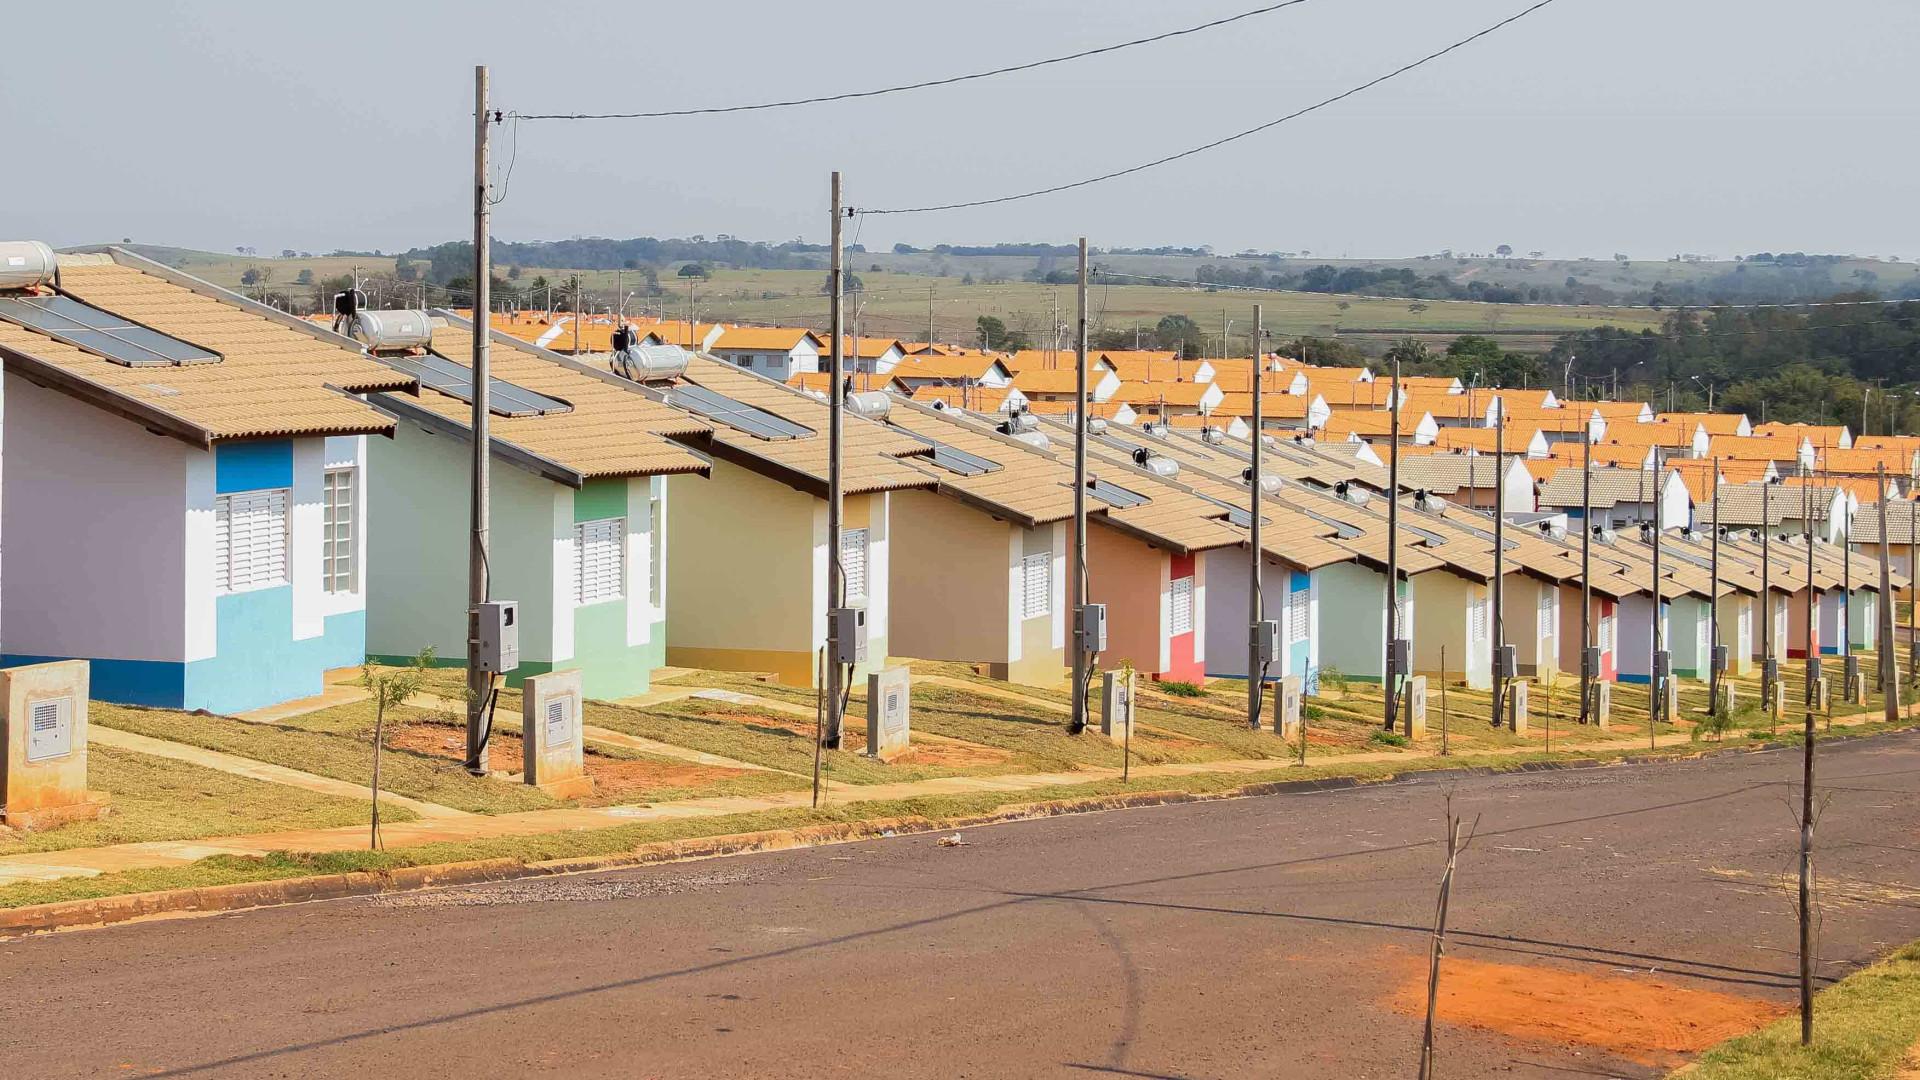 Governo libera R$ 600 mi para destravar PAC e Minha Casa, Minha Vida